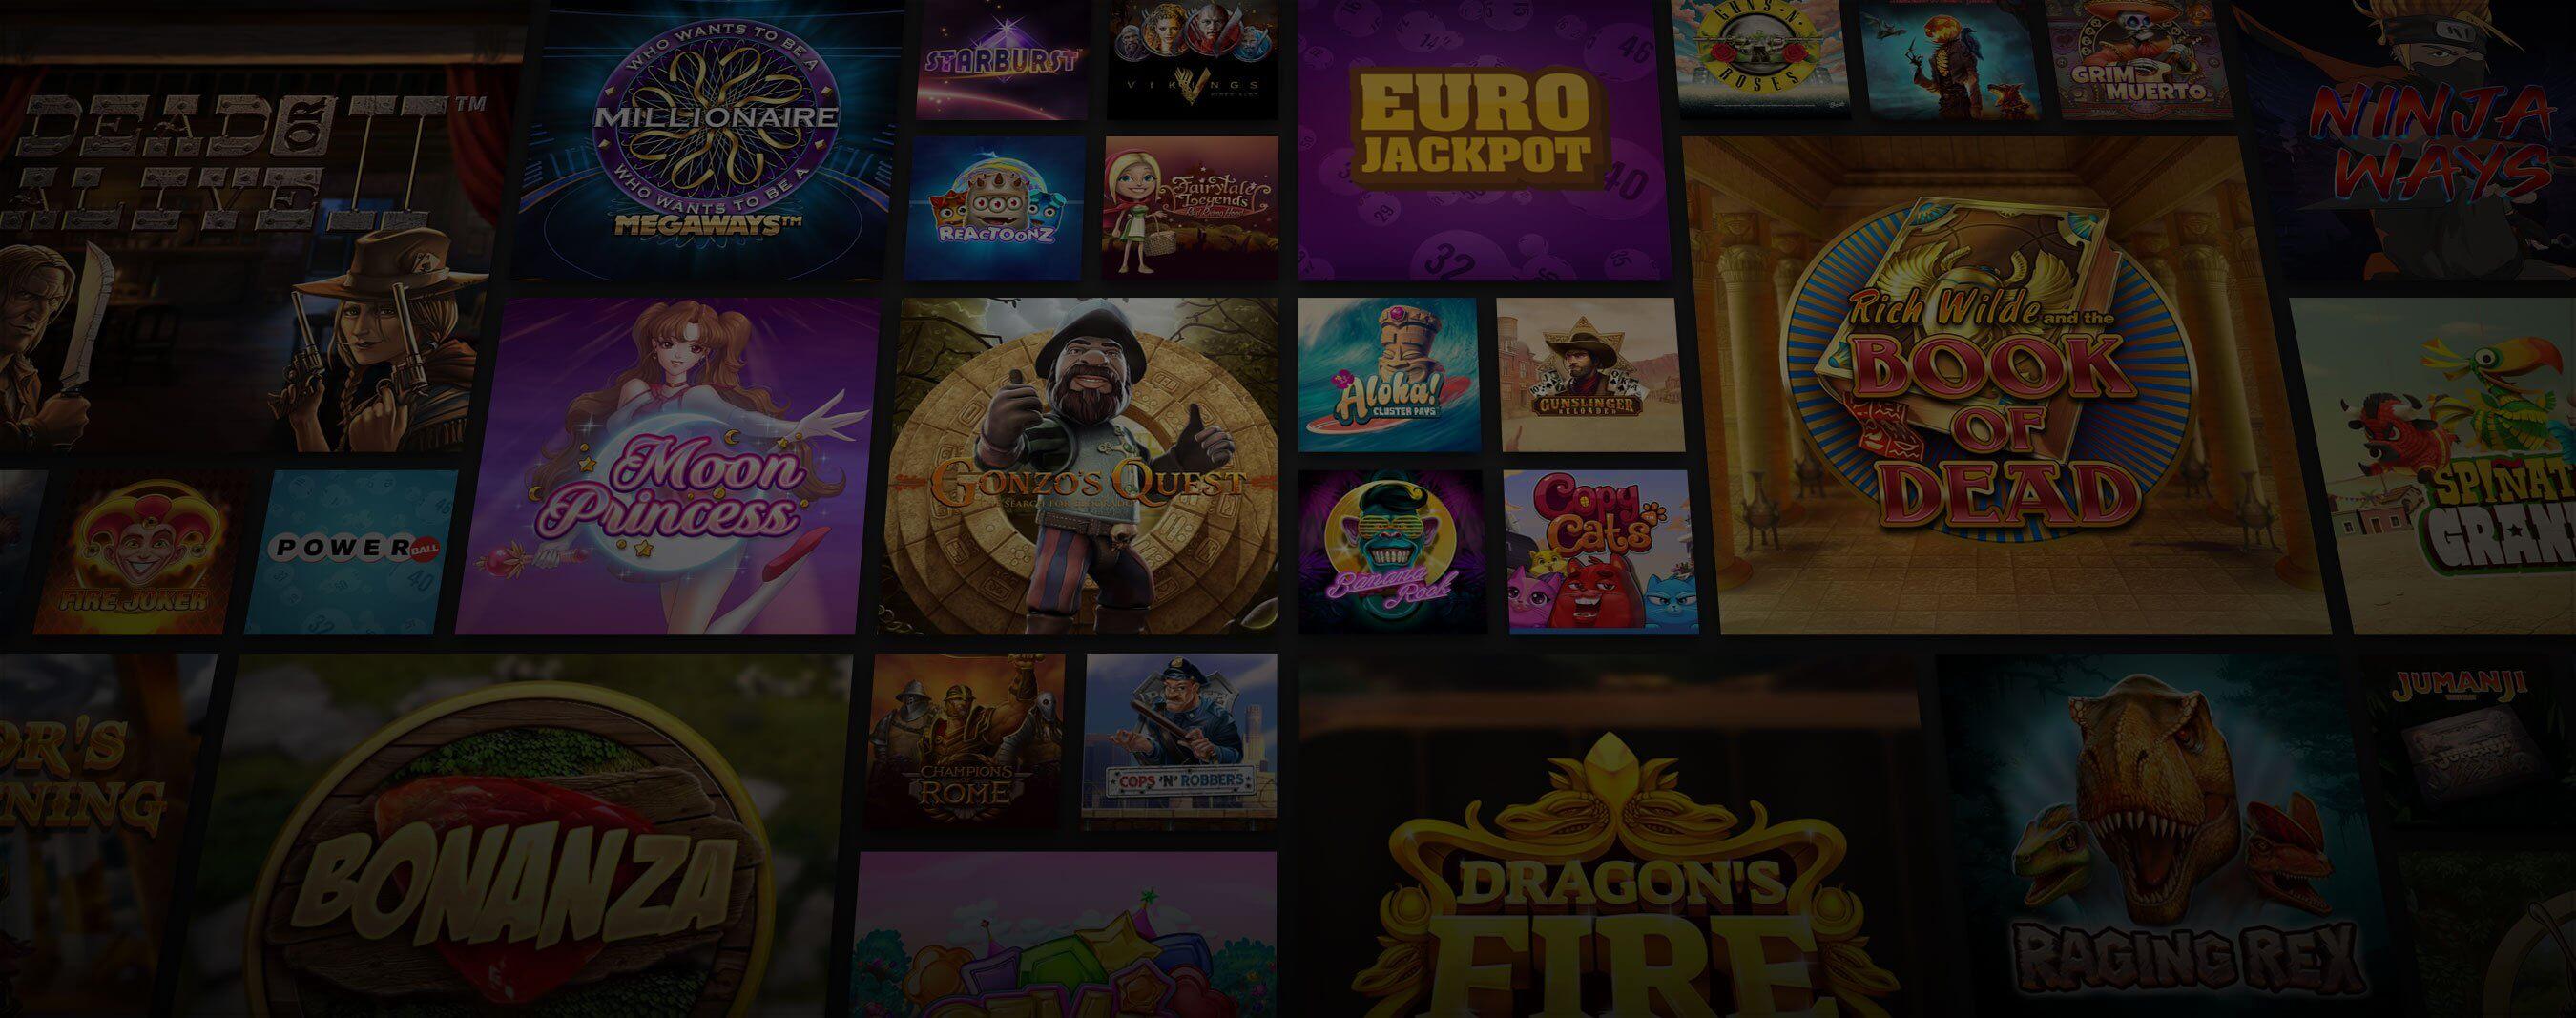 Casinostugan archives 49478